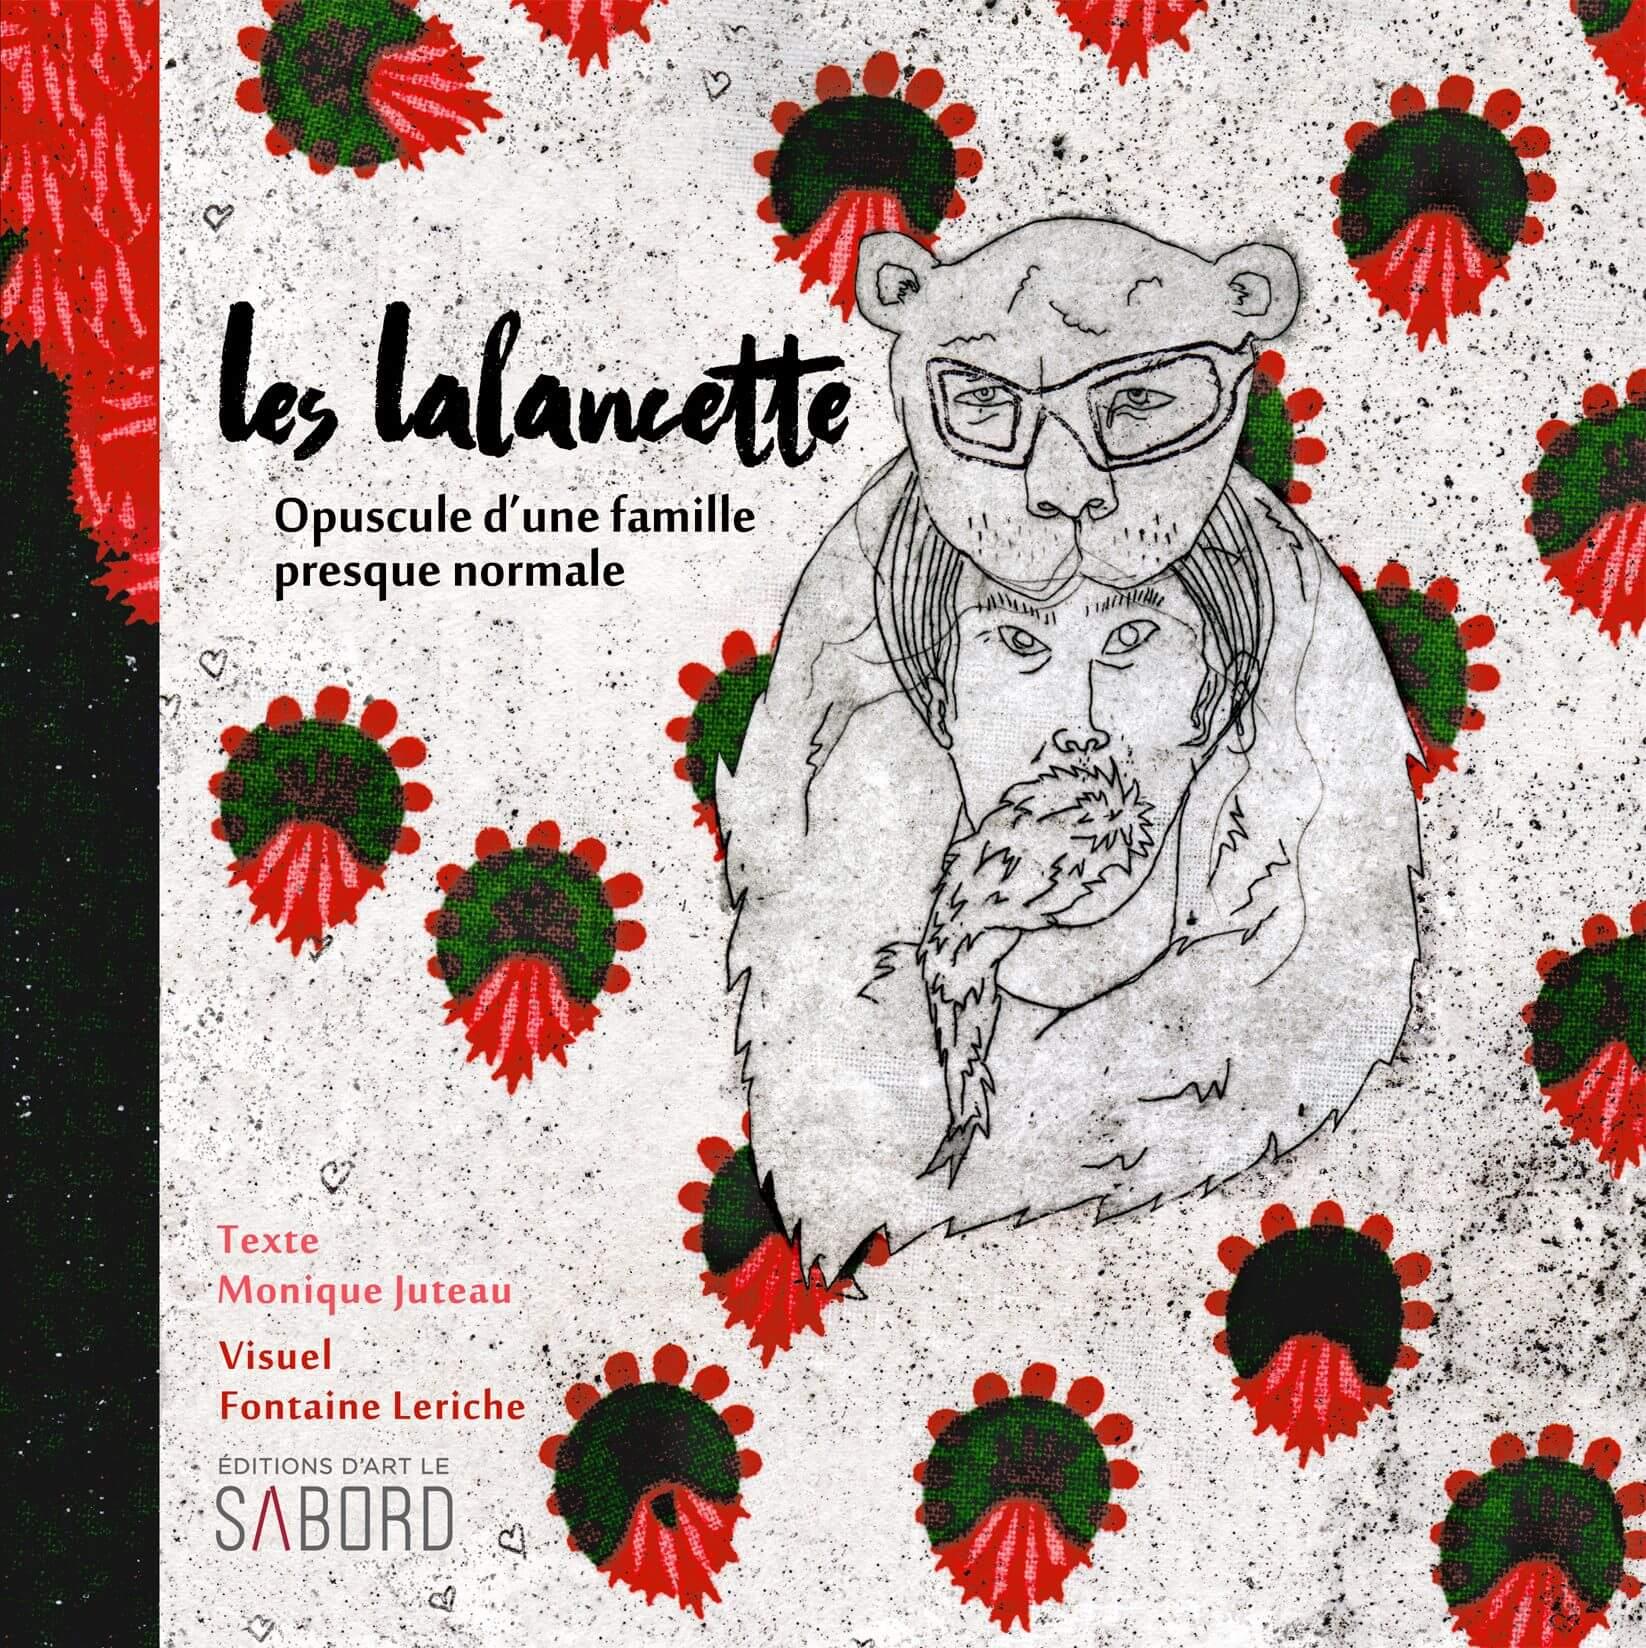 Les Lalancette